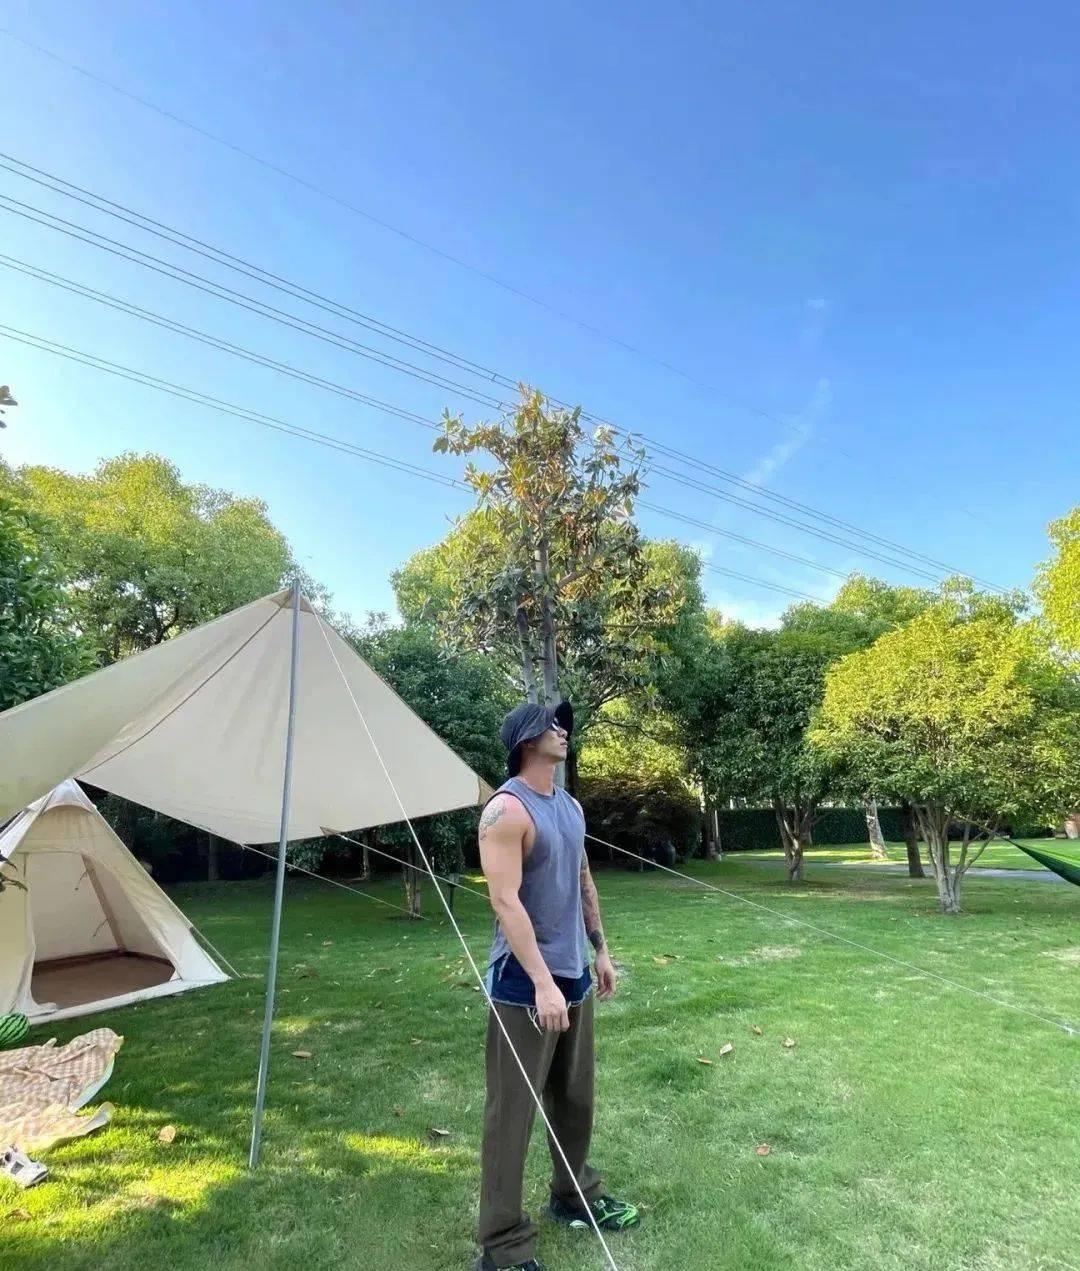 【玩转上海】秋高气爽,正是露营好时候!